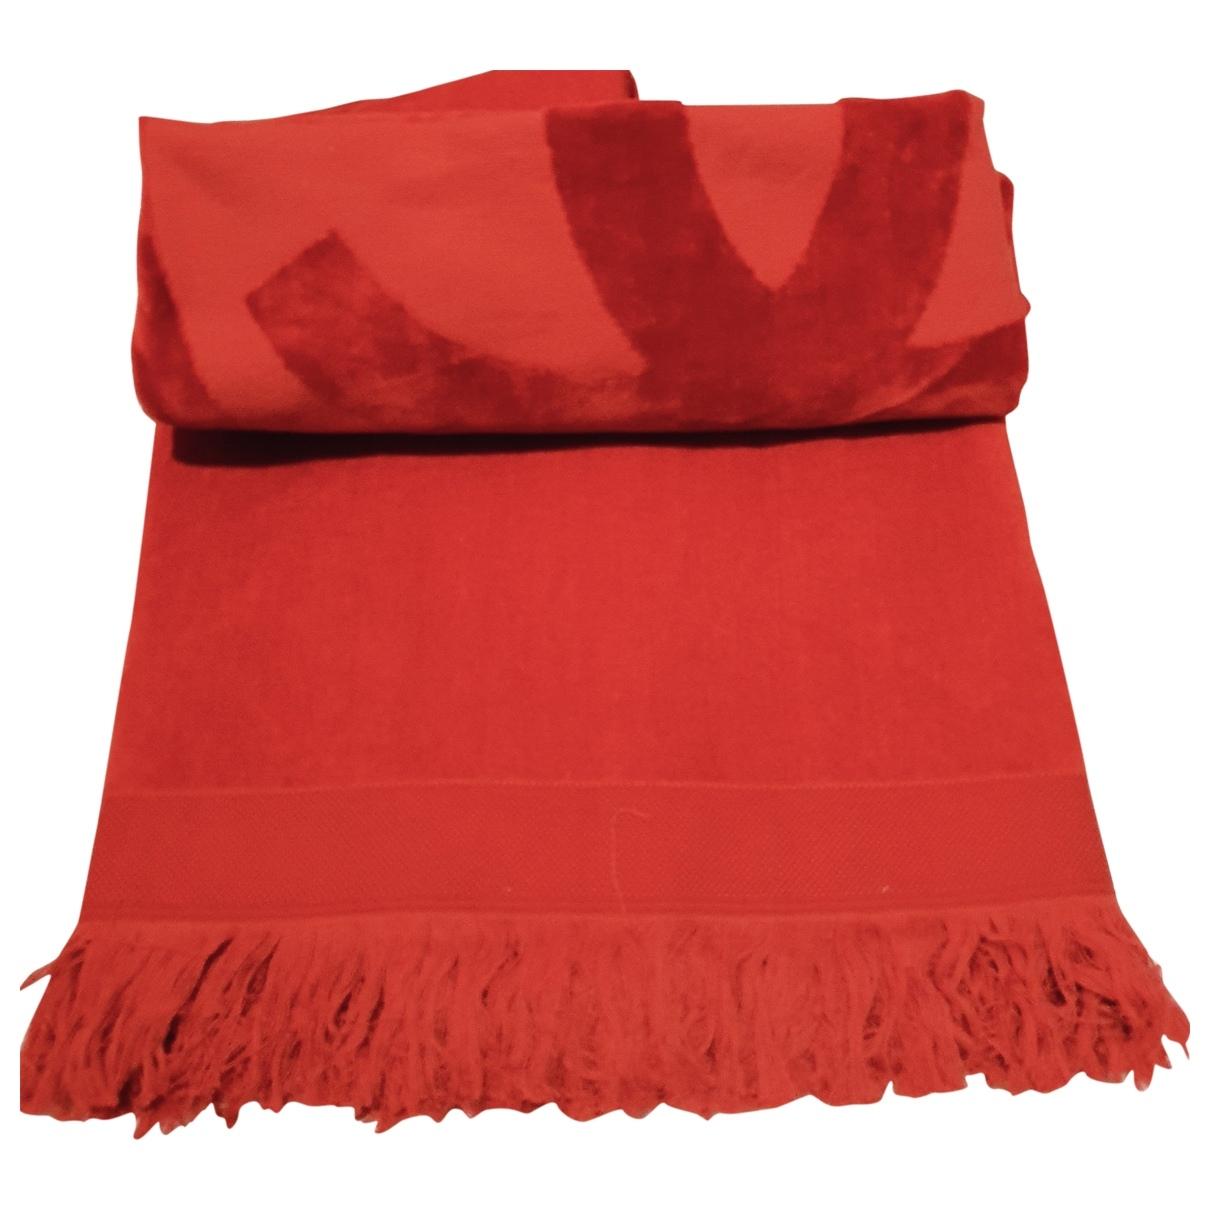 Chanel - Linge de maison   pour lifestyle en coton - rouge